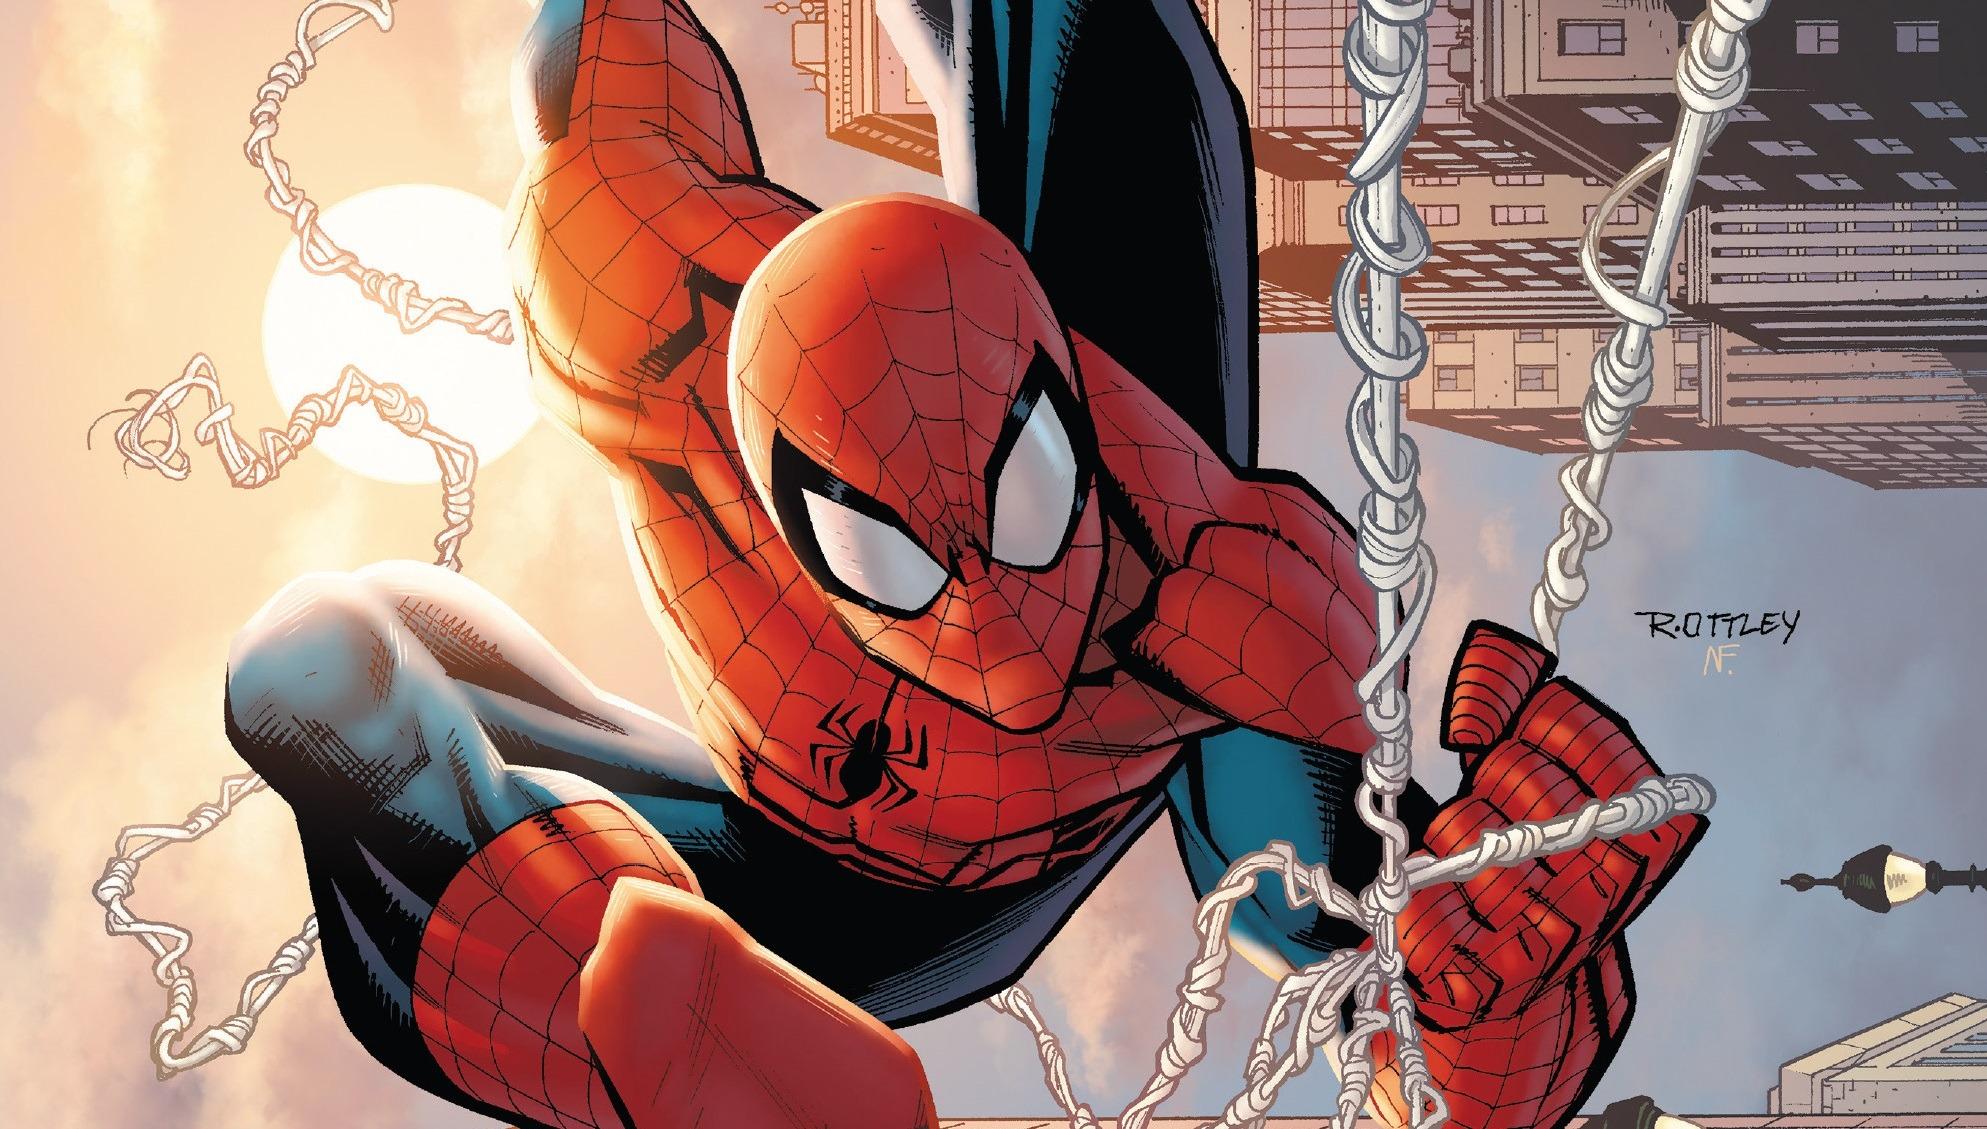 The Amazing Spider-Man Ryan Ottley